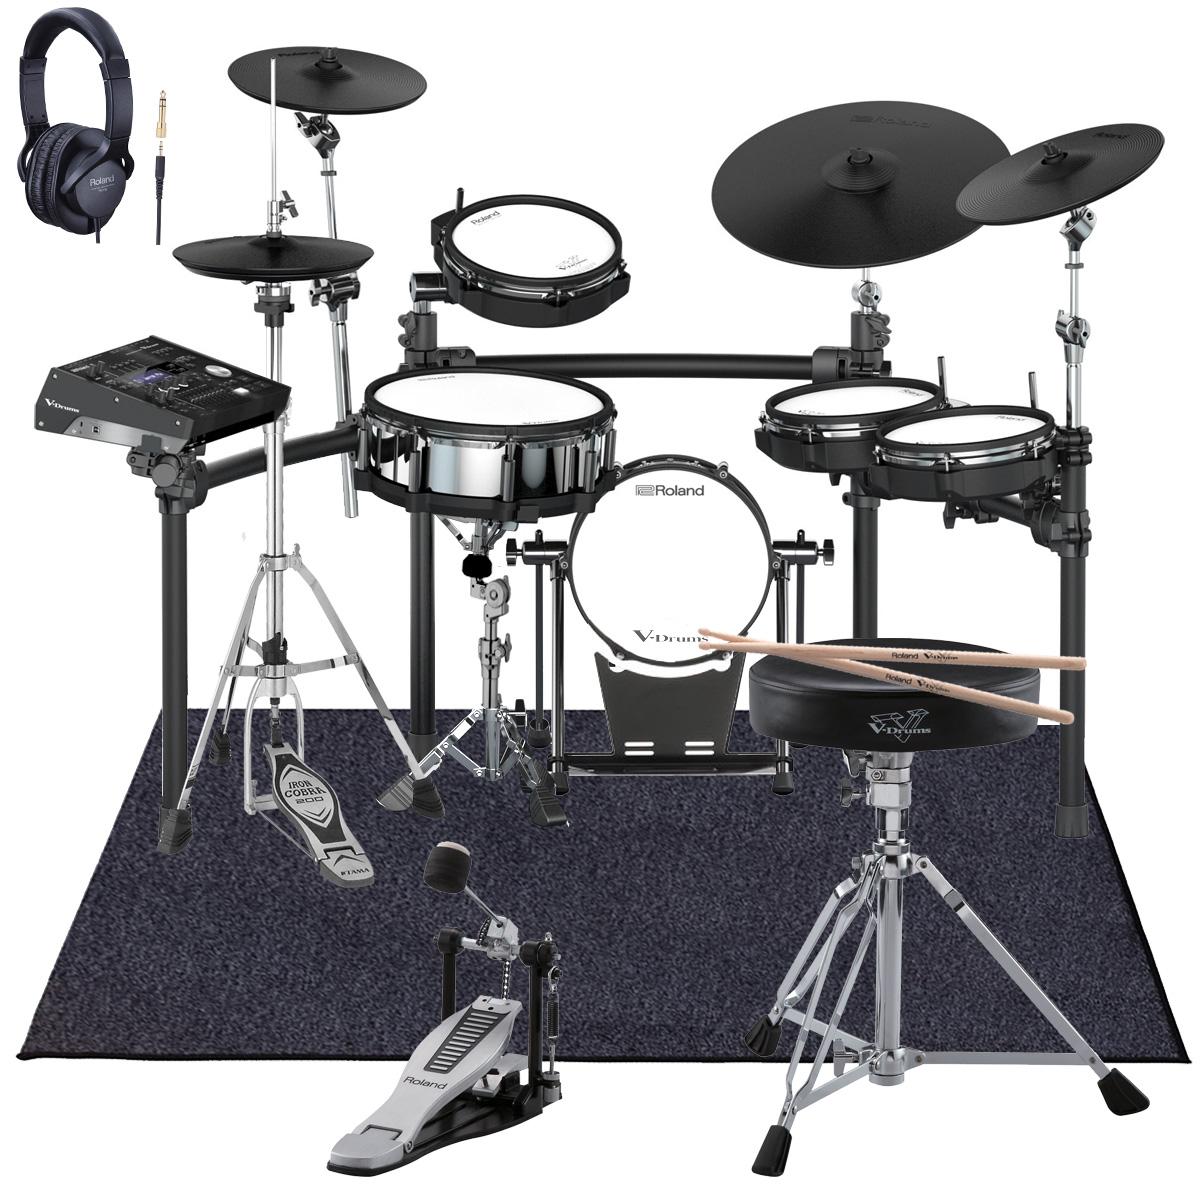 Roland Drum System TD-50K カスタム VH-13ハイハット KD-120BK MDS-50K スターターパック マット付き【YRK】